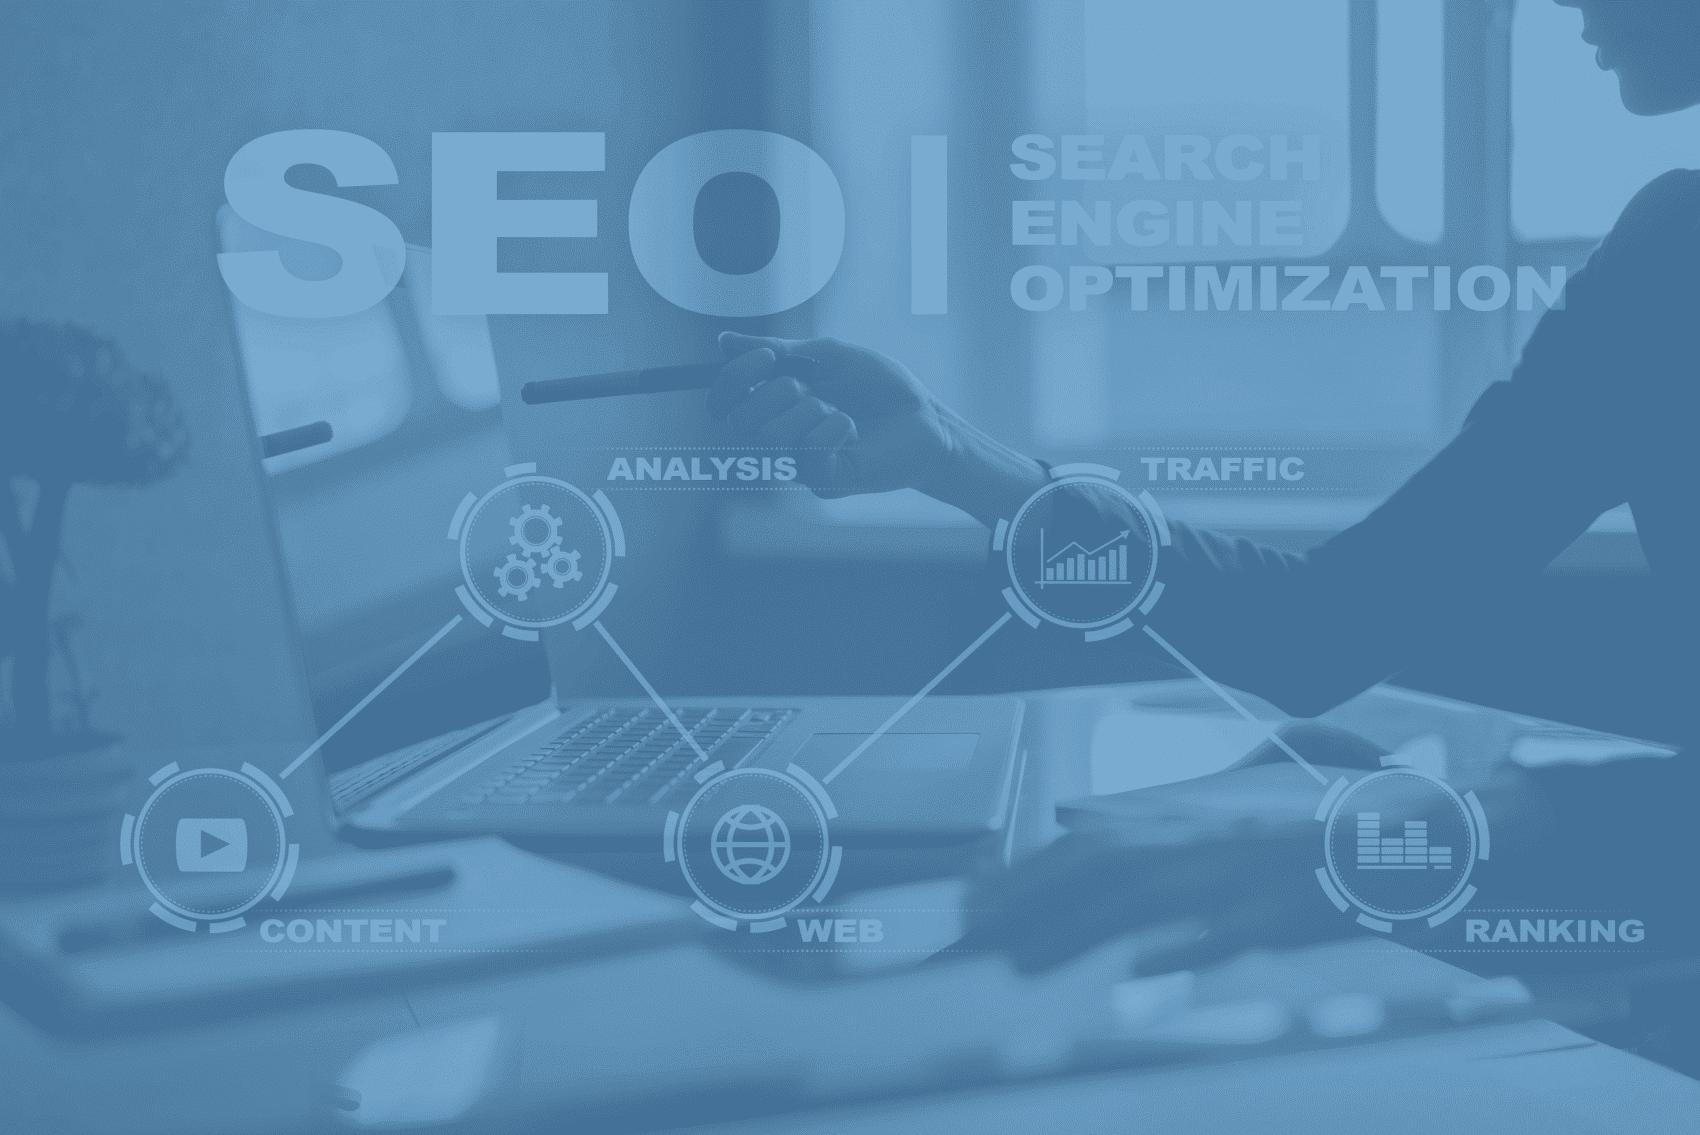 Comment trouver des idées de contenus avec le SEO?